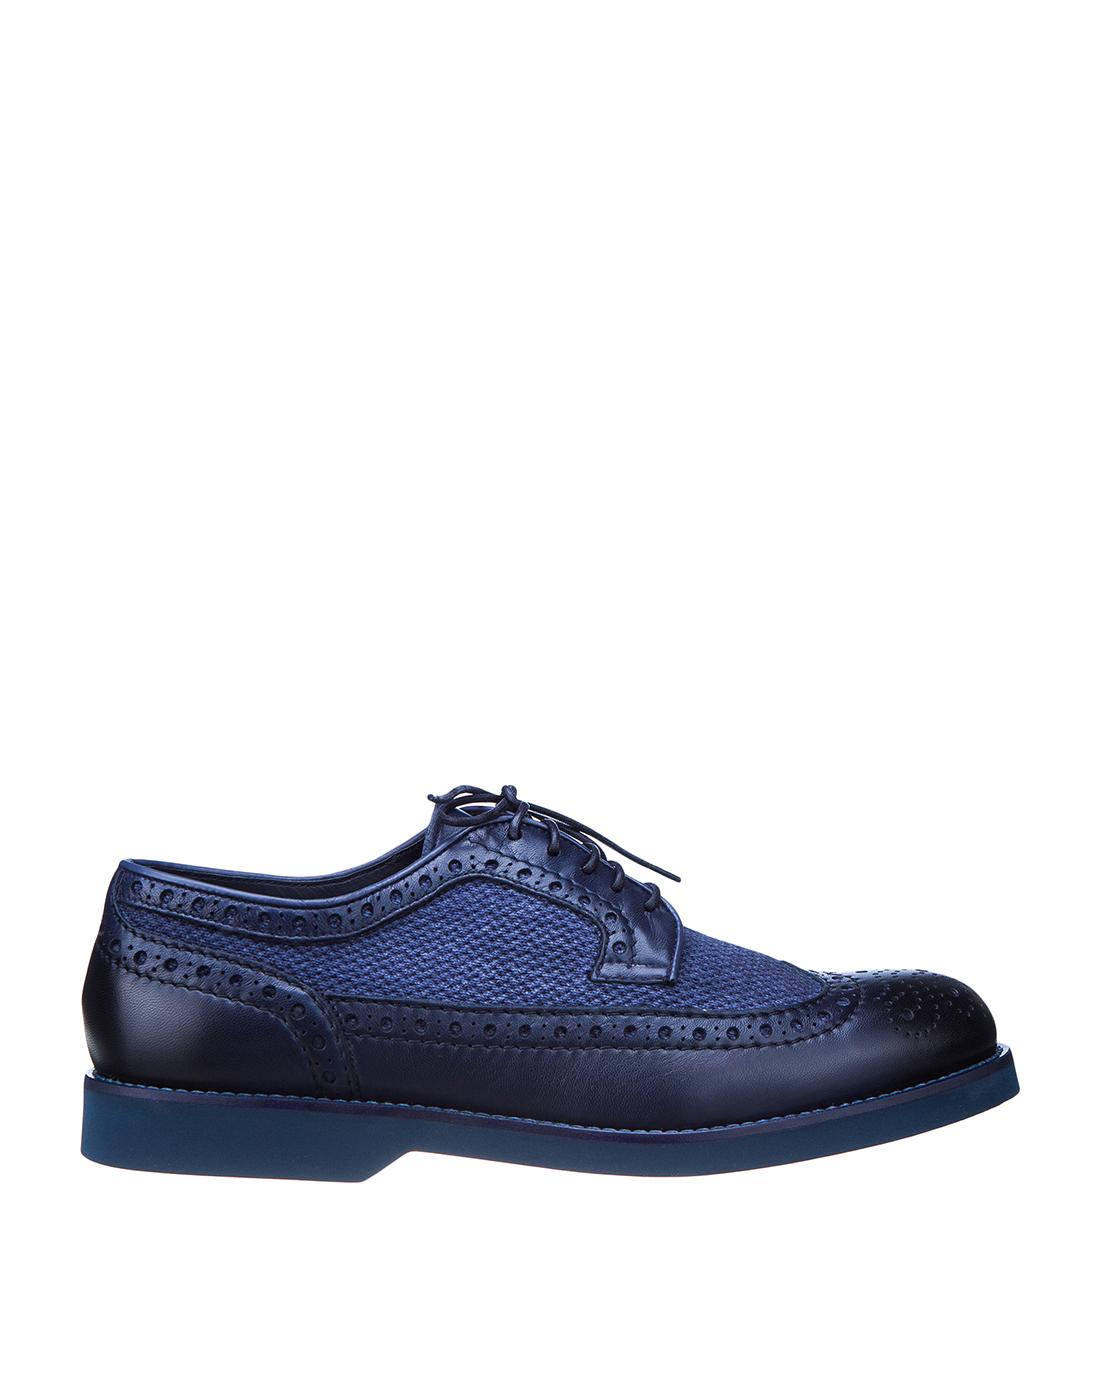 Броги синие мужские  Doucal's SDU1555POTERZ093BB02-1